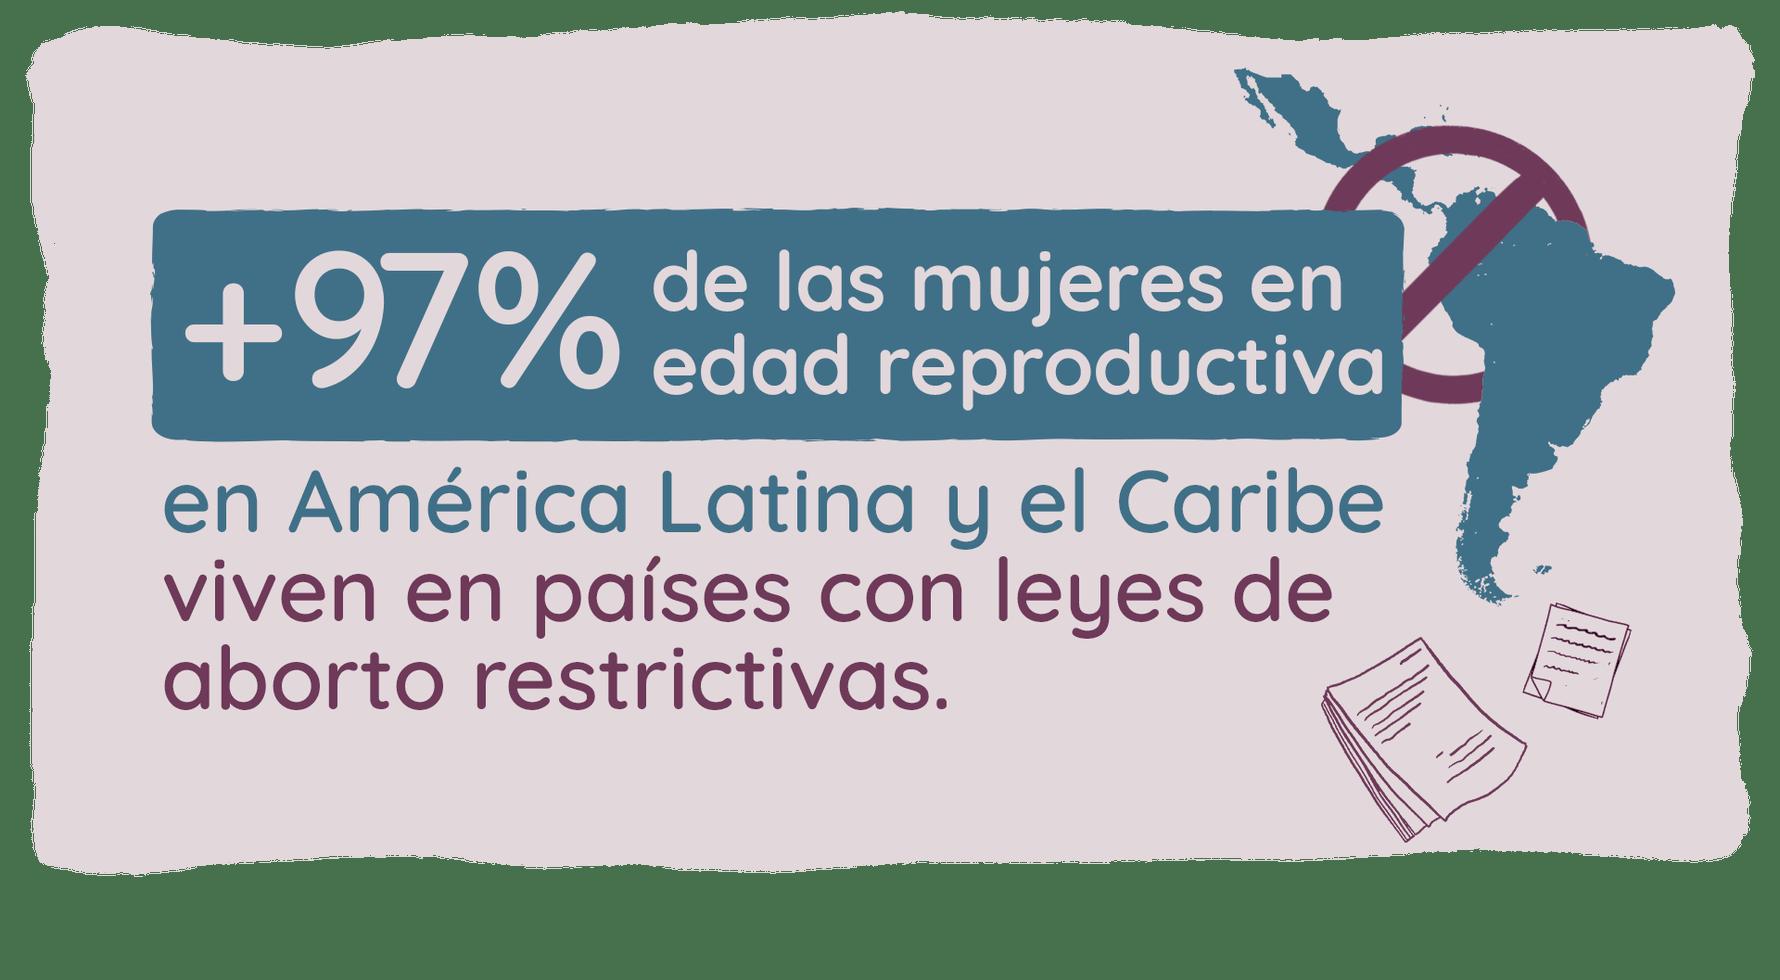 Estadísticas sobre legislación sobre aborto en América Latina y Caribe